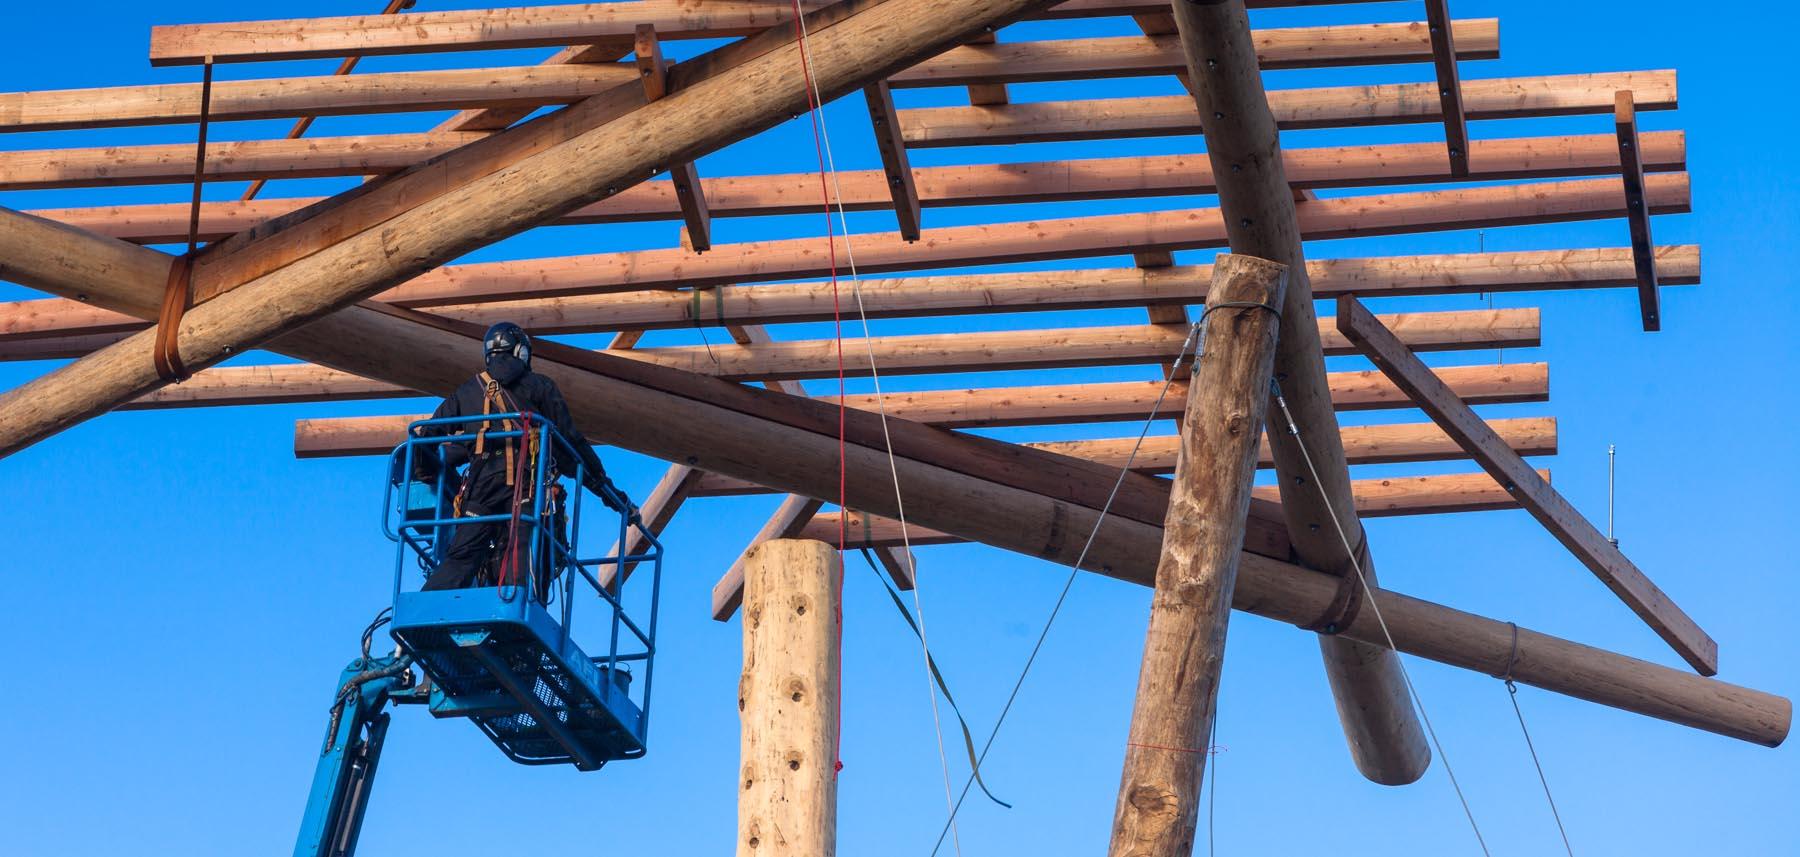 Das neue Wahrzeichen des Trappenkamper Erlebniswaldes wächst in die Höhe. Donnerstag hievte ein Autokran die letzte Plattform in die Höhe